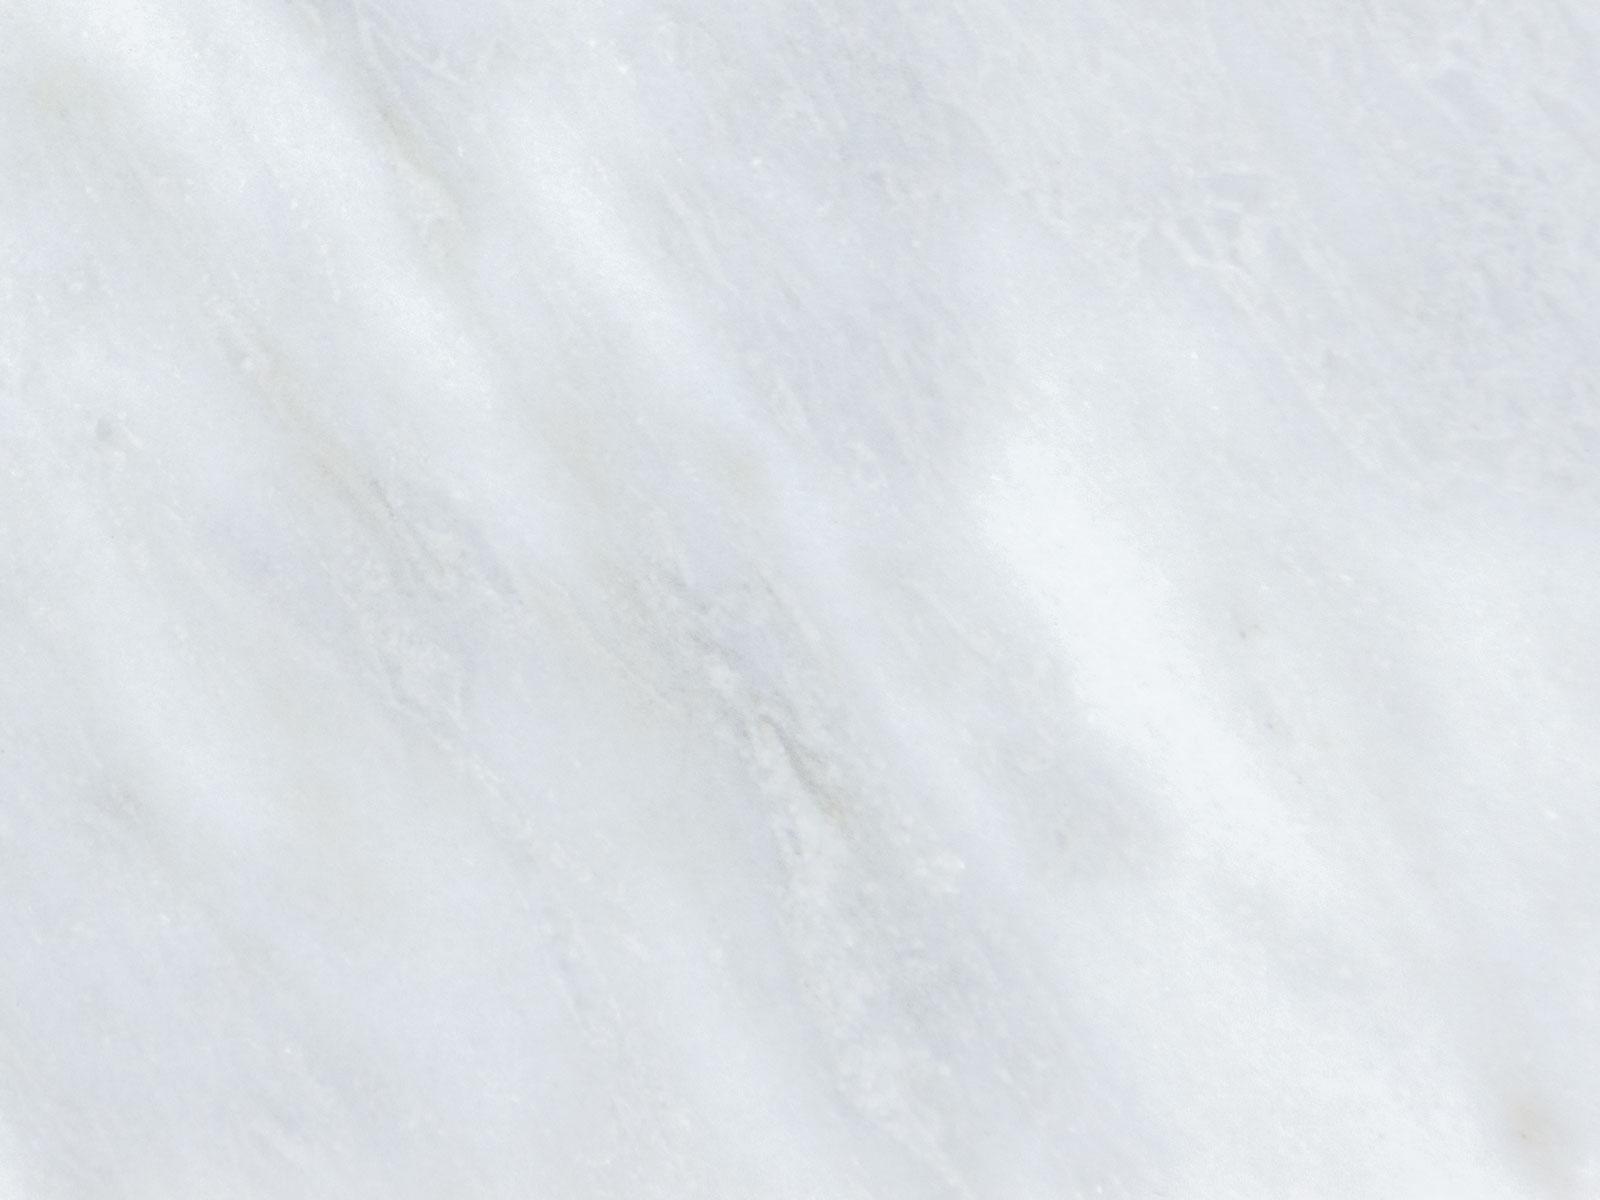 Bianco pentelico classic sample